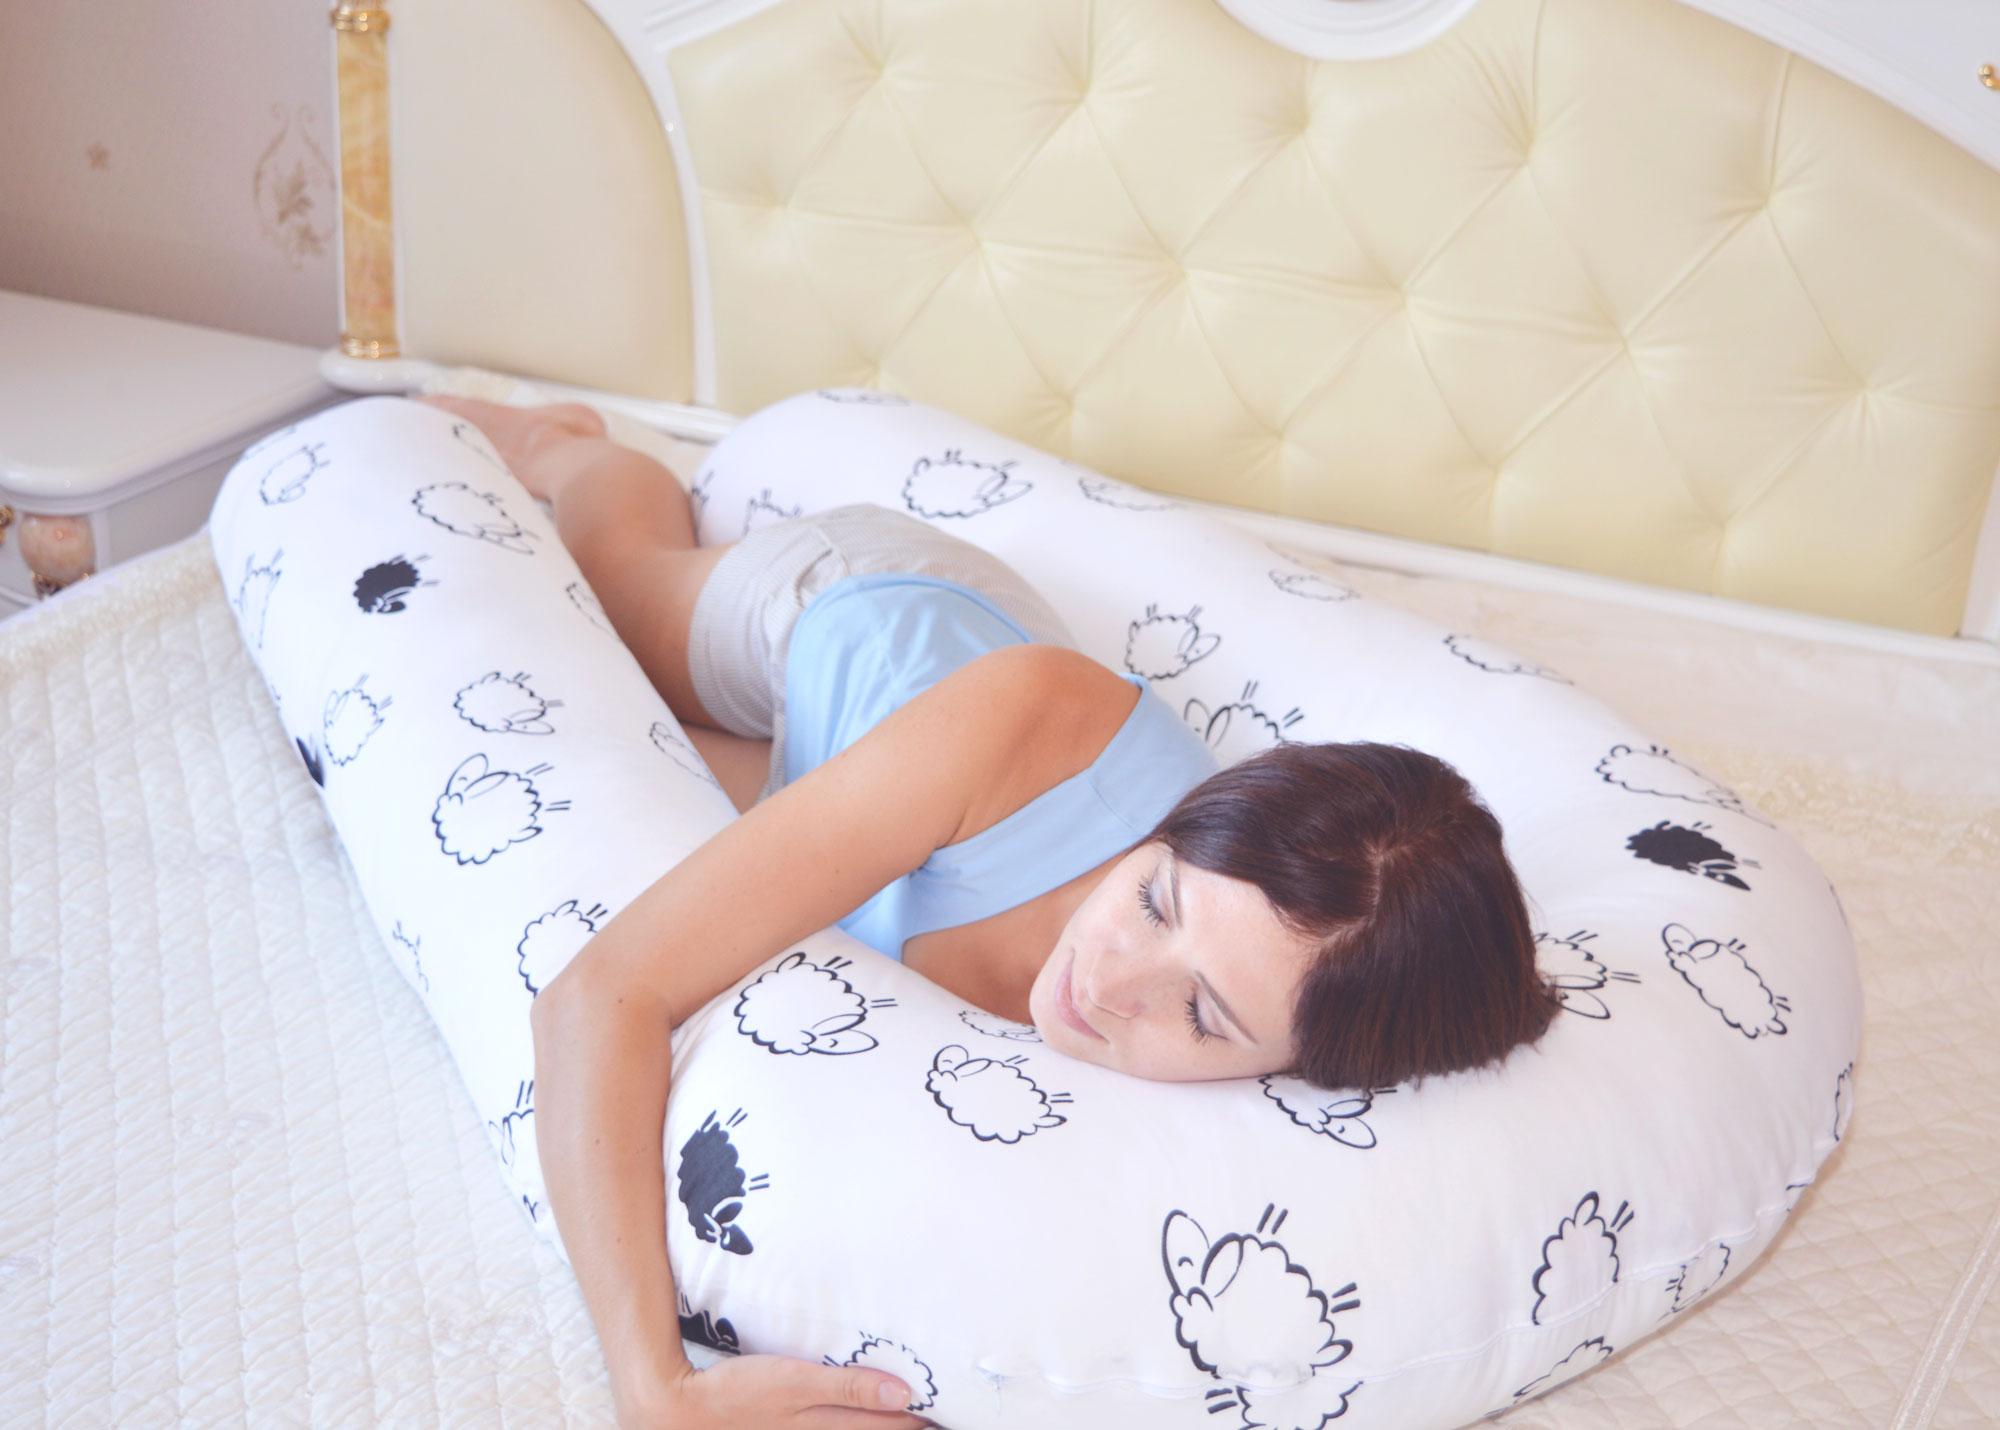 Разновидности ортопедических подушек для беременных: кому подходит г, i, g или u-образная форма, какой наполнитель и ткань наволочки выбрать